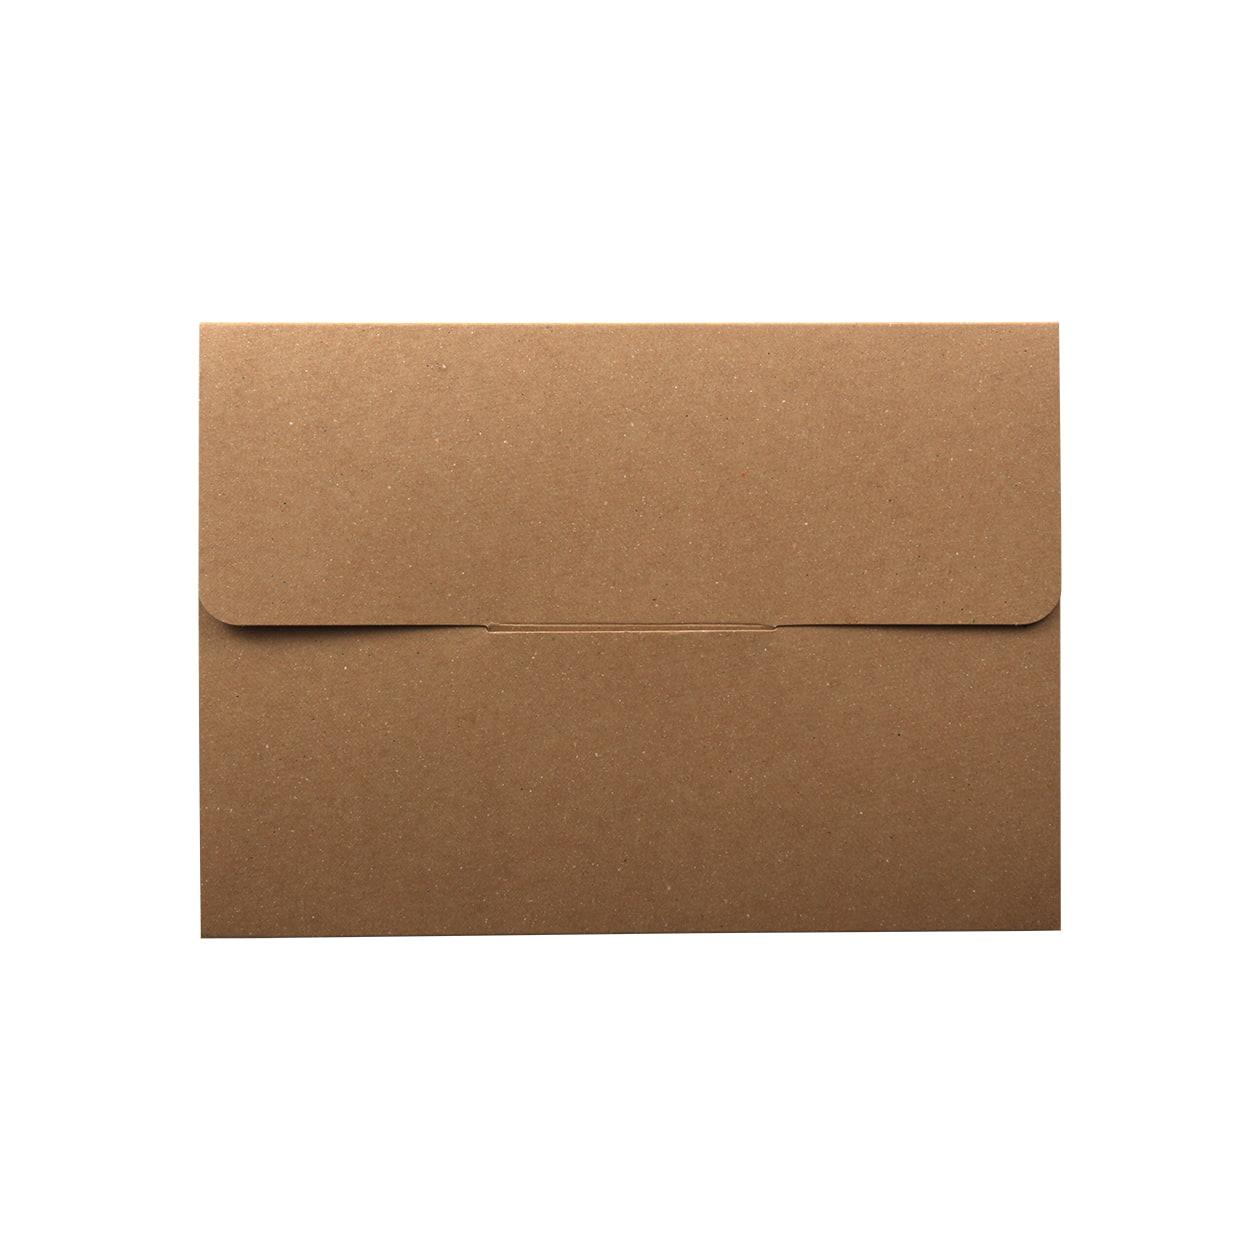 タトウ式箱A5用 差込有 ボード紙 ブラウン 270g マチ6mm